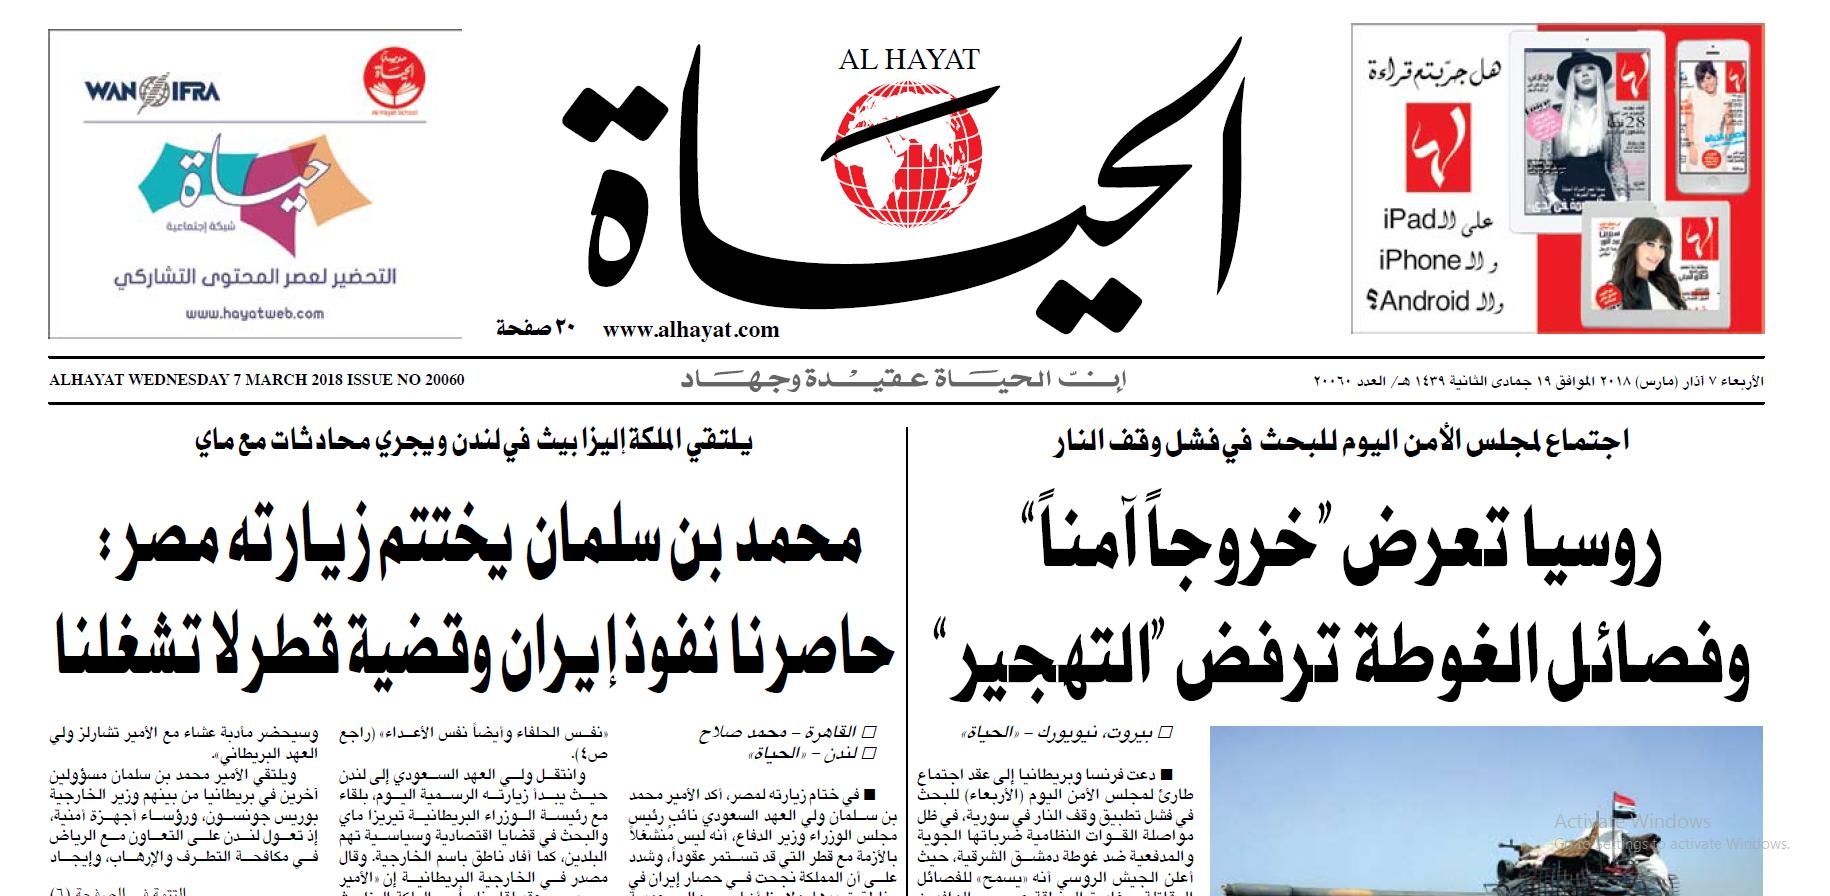 الحیاۃ : سعودی عربیہ ایران کے بڑھتے اثرورسوخ کے ارد گرد گھیرا تنگ کرنے میں کامیاب ہوگیا اوروہ قطری مسئلہ کے سلسلہ میں بالکل فکرمند نہیں ہیں